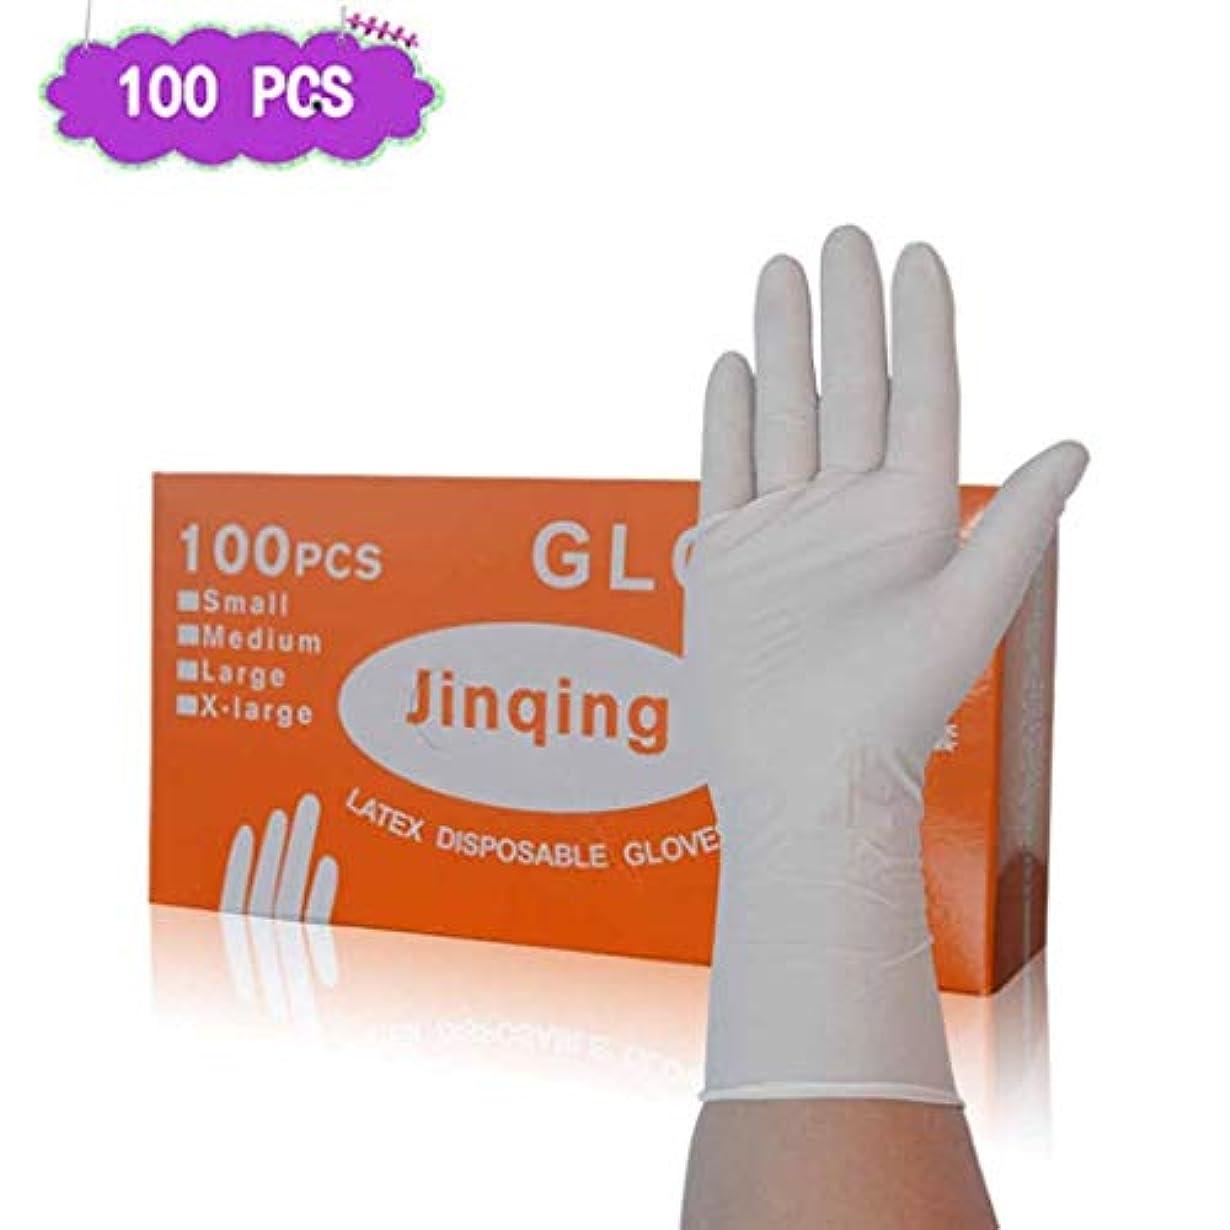 ミントジャンク姓ニトリルグローブ12インチの長い厚い白い食品グレードラテックステストゴム、非滅菌、デューティ試験手袋|病院、法執行機関、食品ベンダー向けのプロフェッショナルグレード (Size : M)